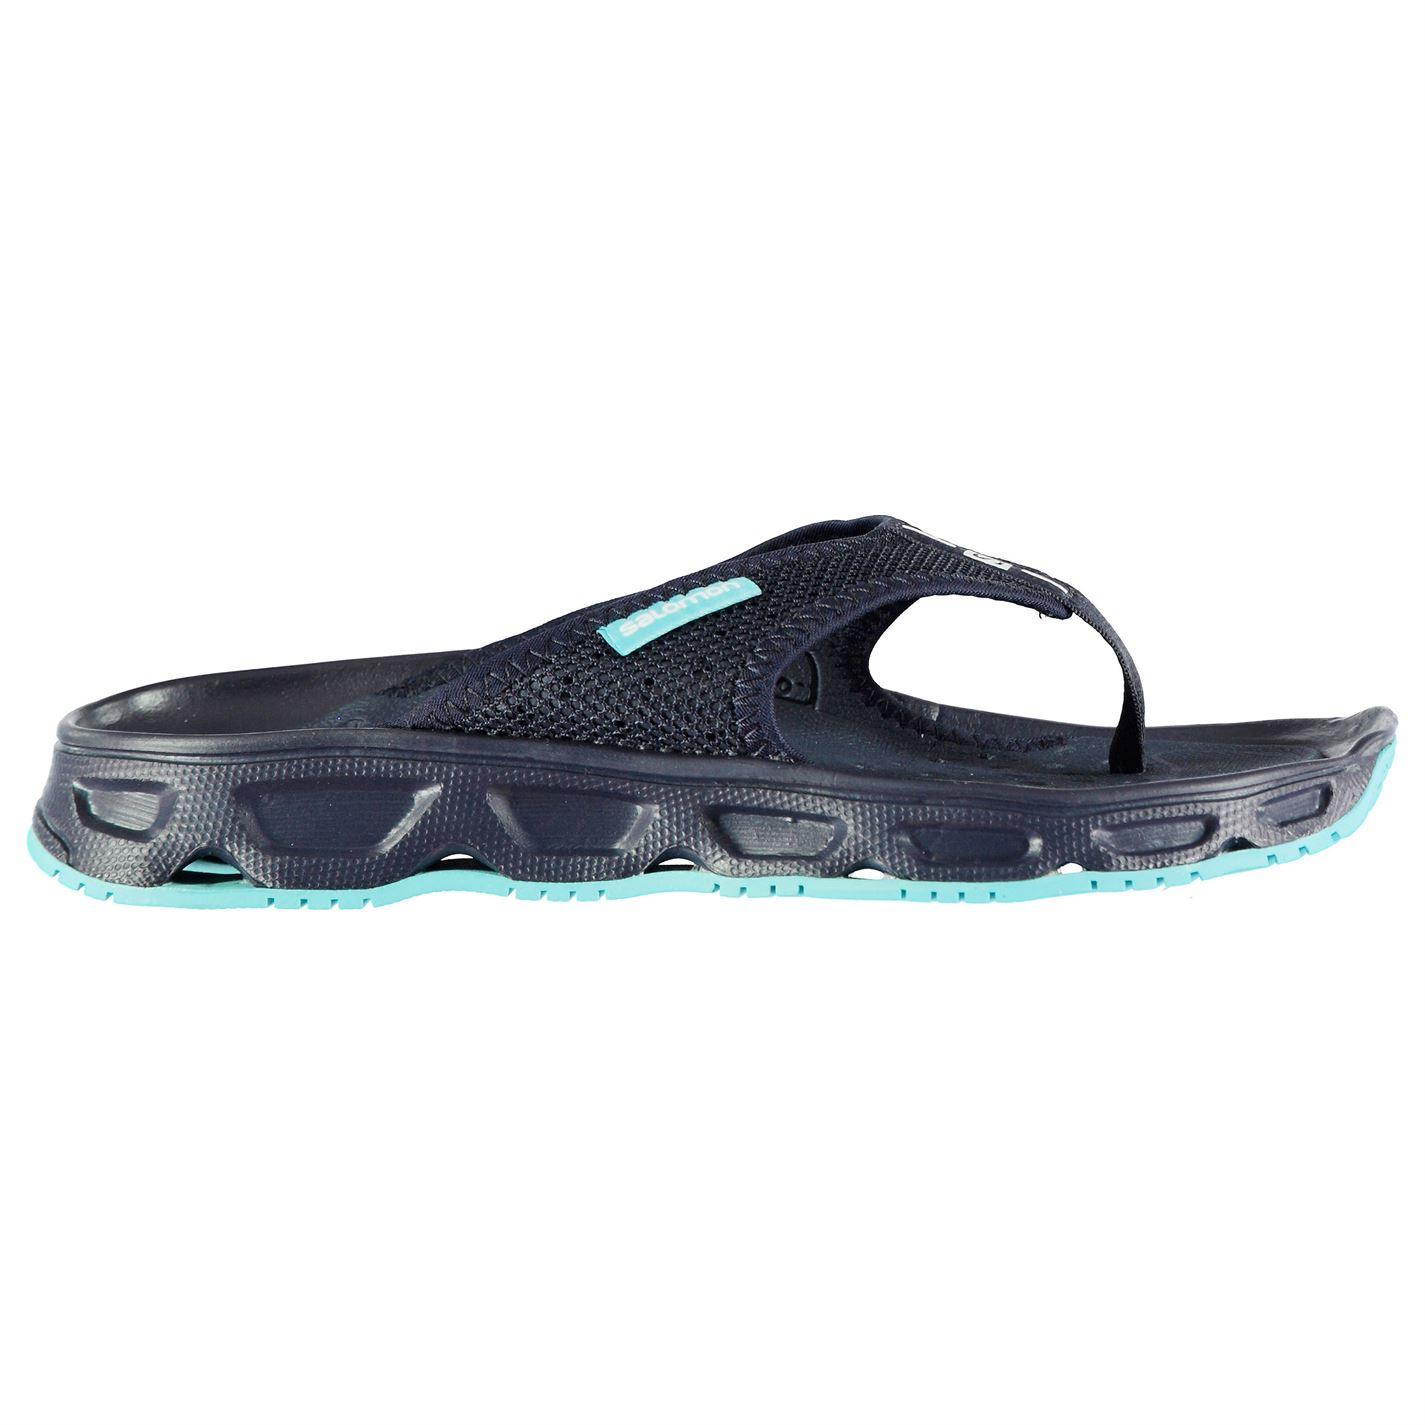 9ce64f10ec24 Salomon RX Break dámské Sandals